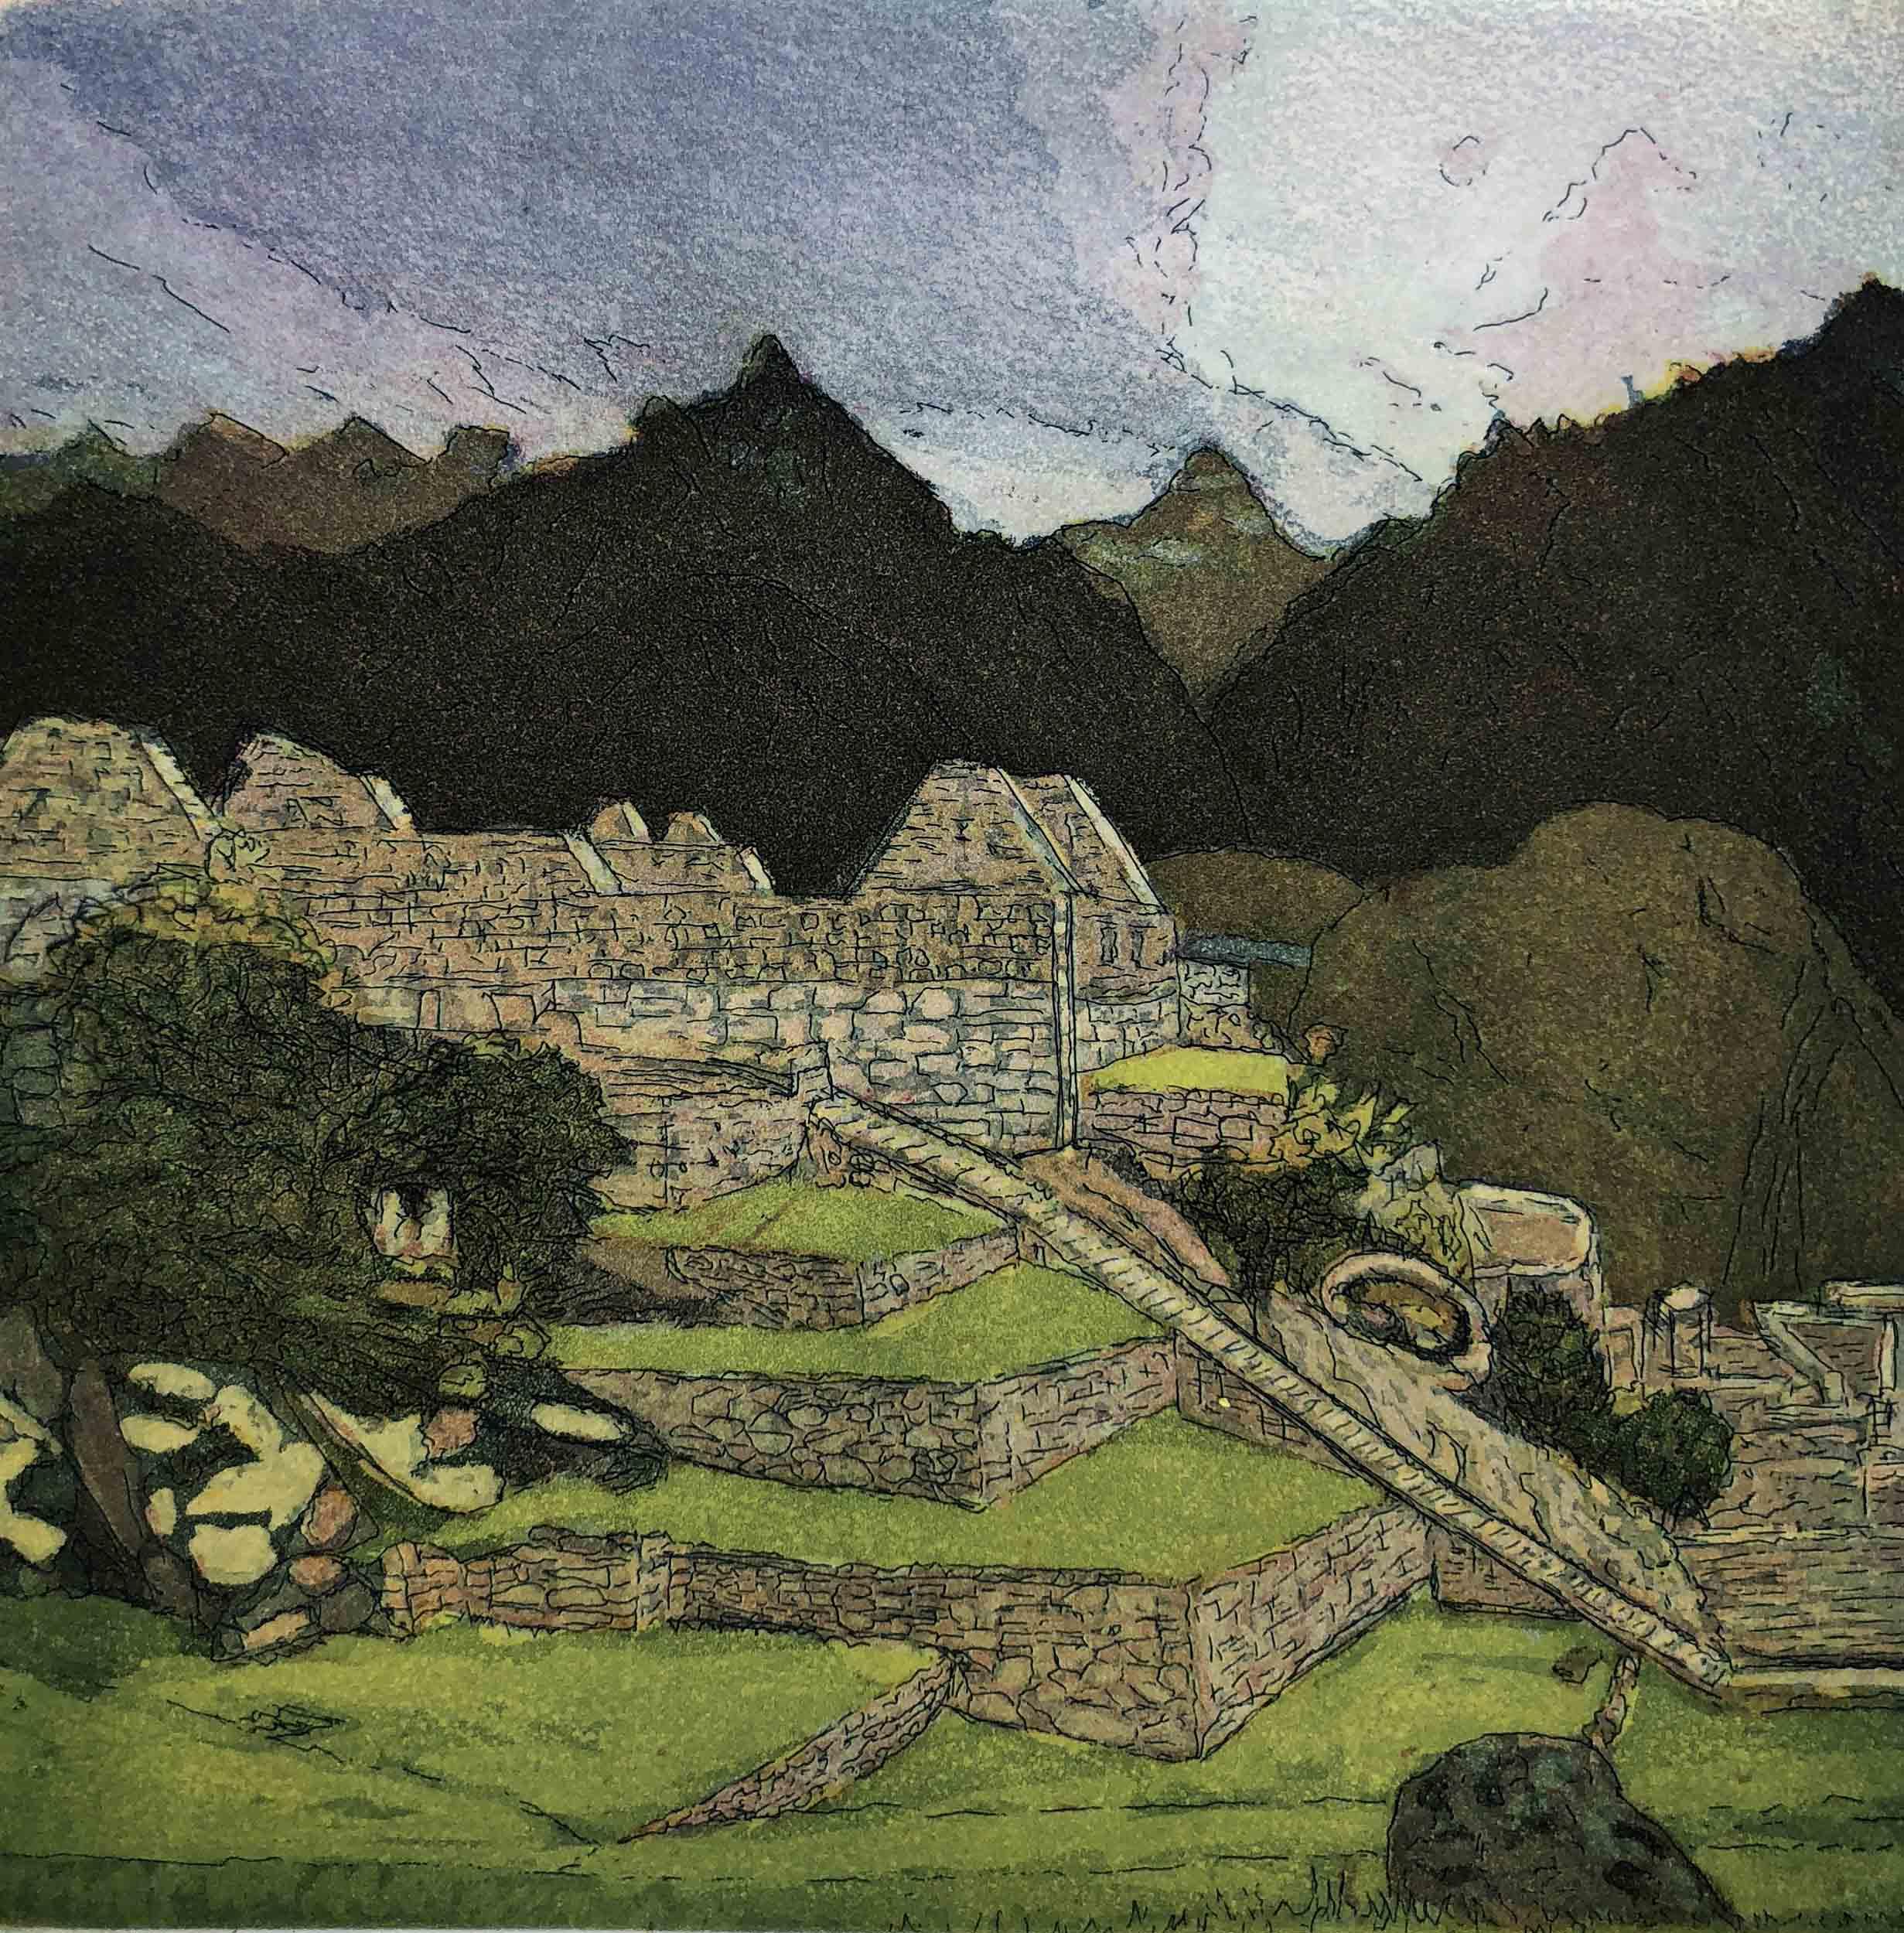 #7 In Peru @Machu Picchu